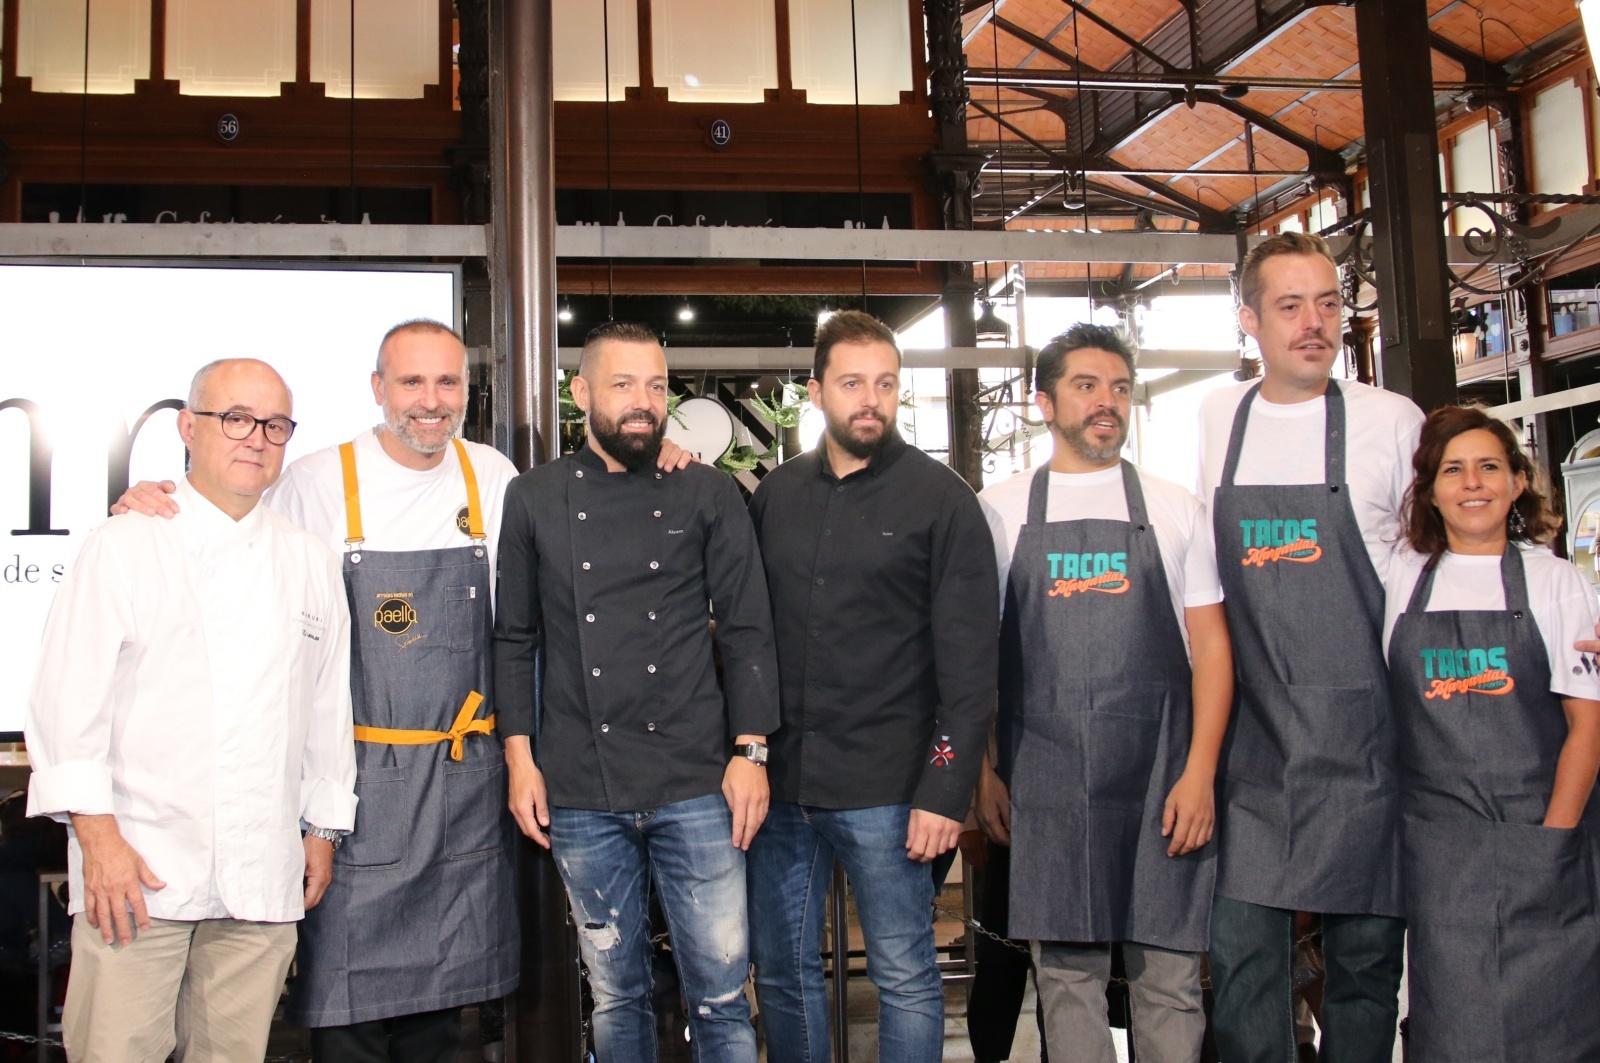 MSM - Algunos de los nuevos chefs con propuesta gastronómica